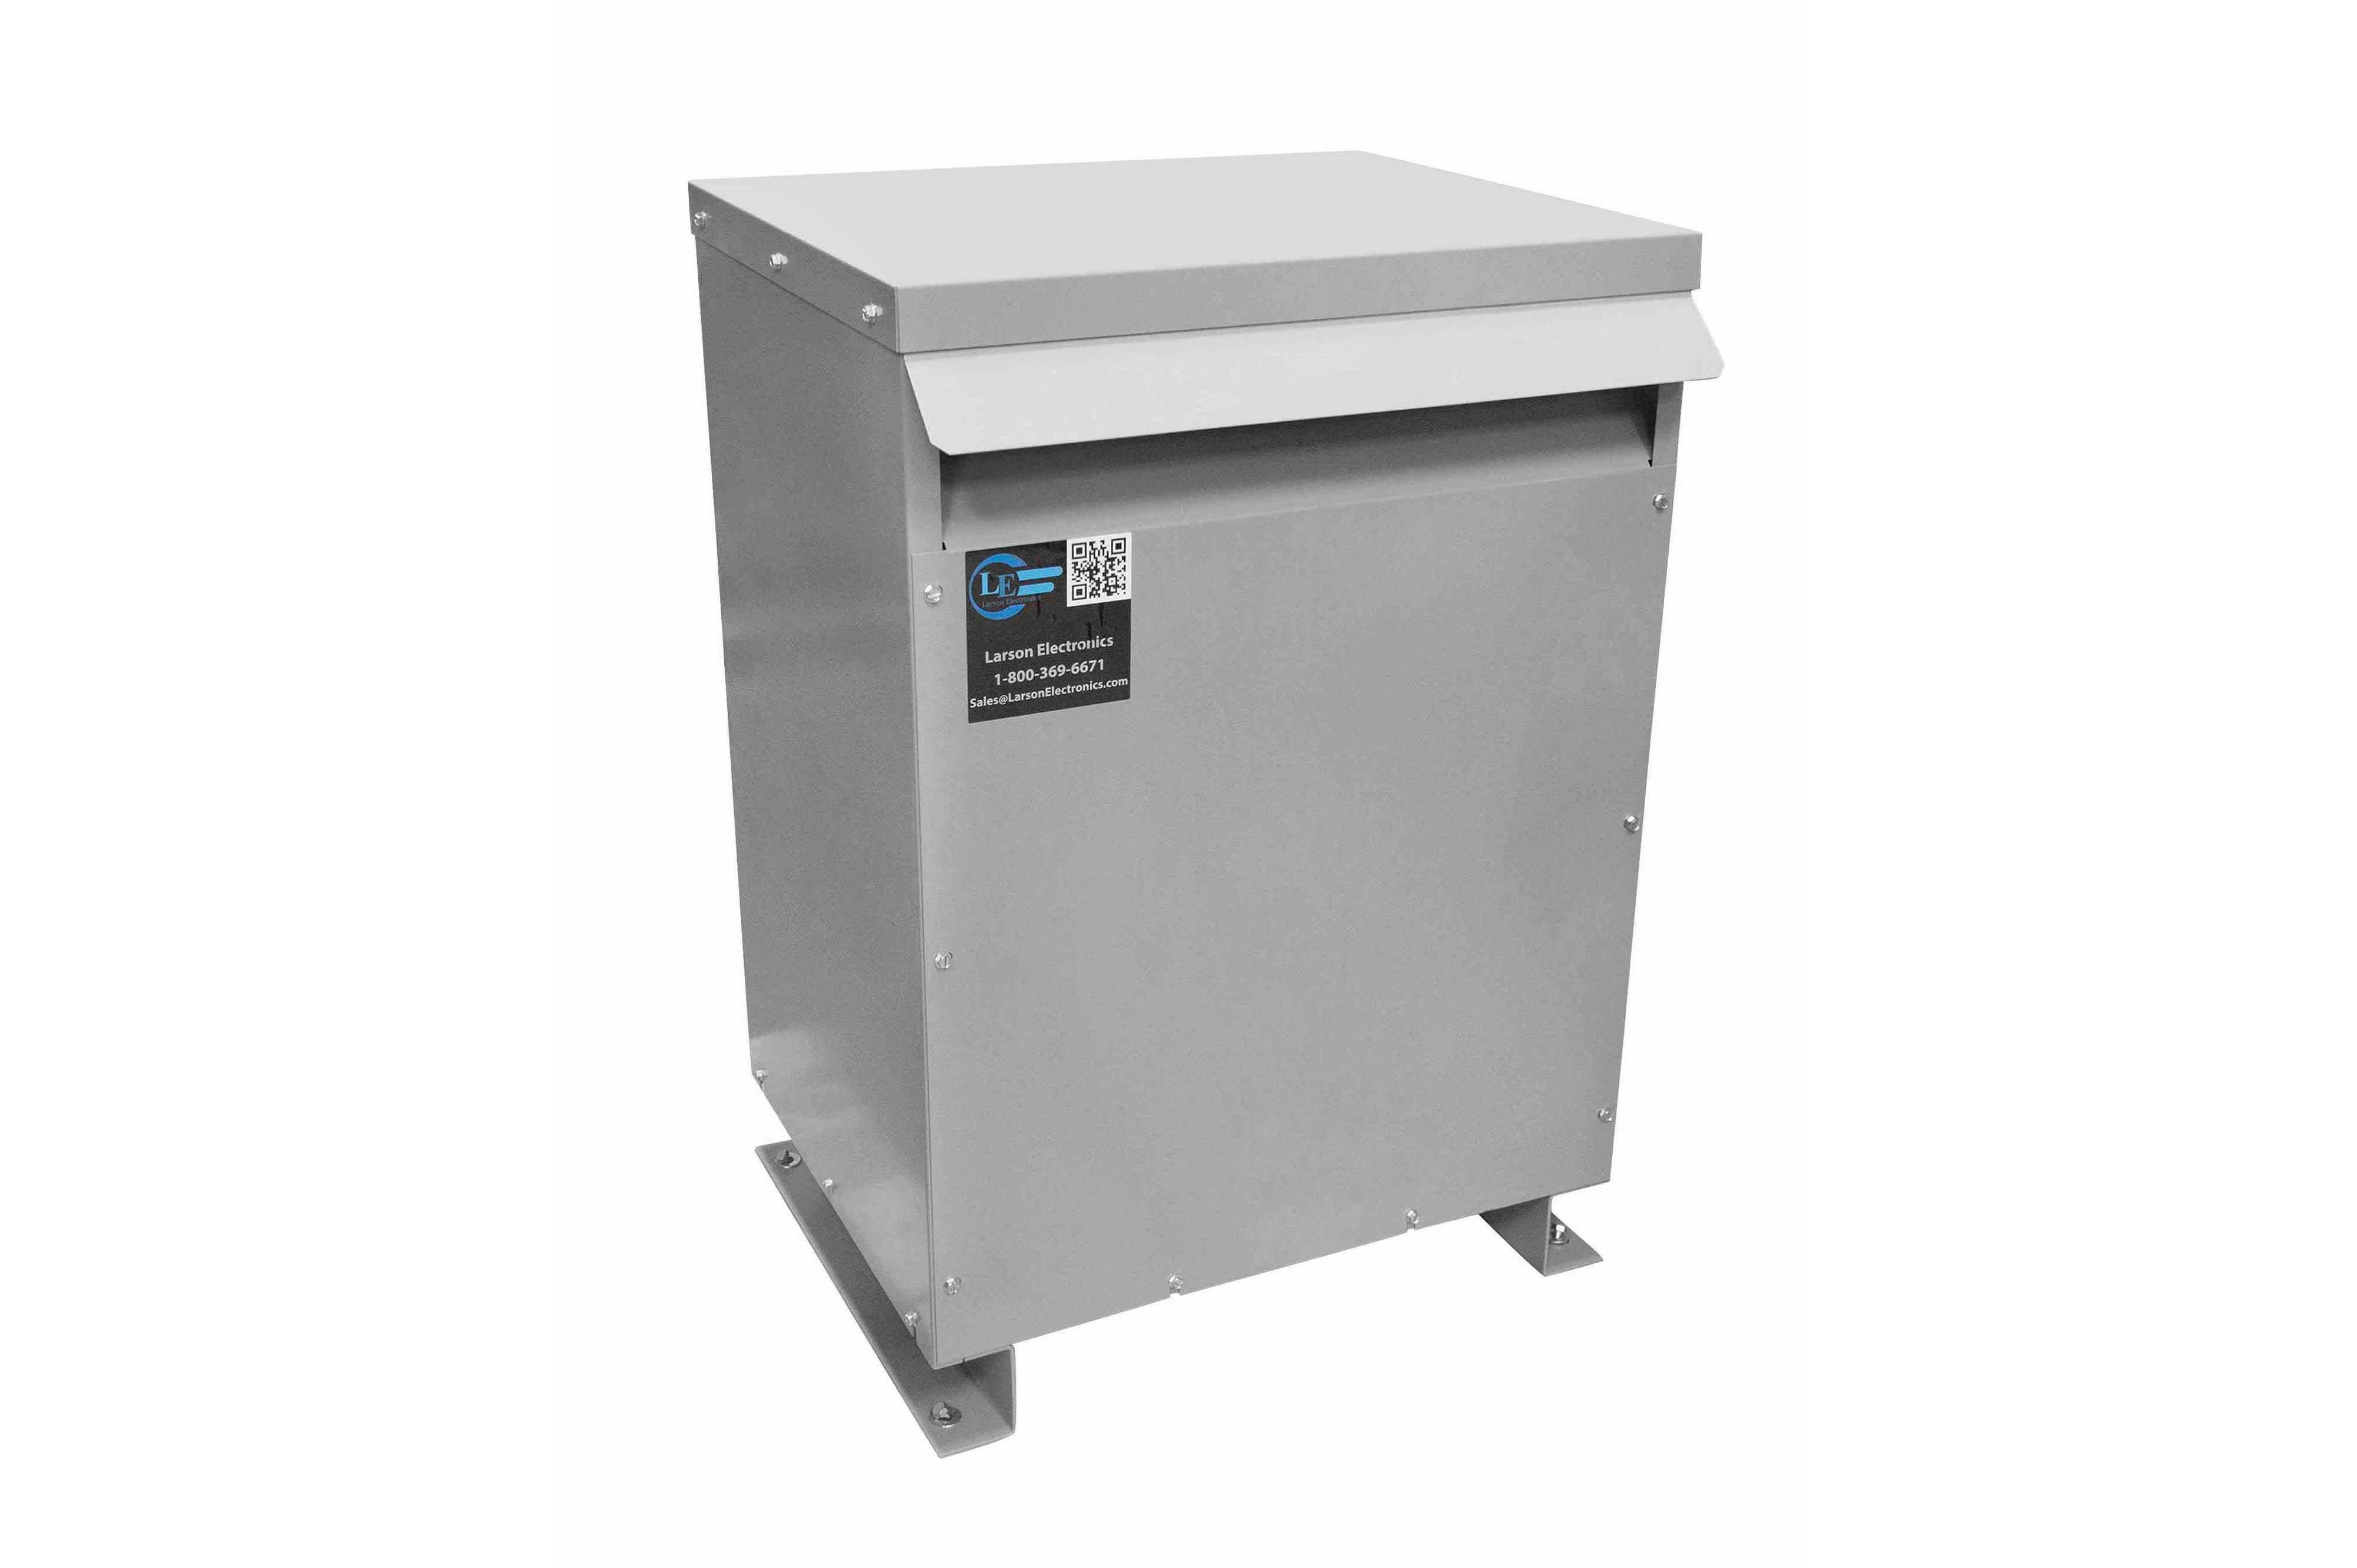 29 kVA 3PH Isolation Transformer, 600V Delta Primary, 460V Delta Secondary, N3R, Ventilated, 60 Hz